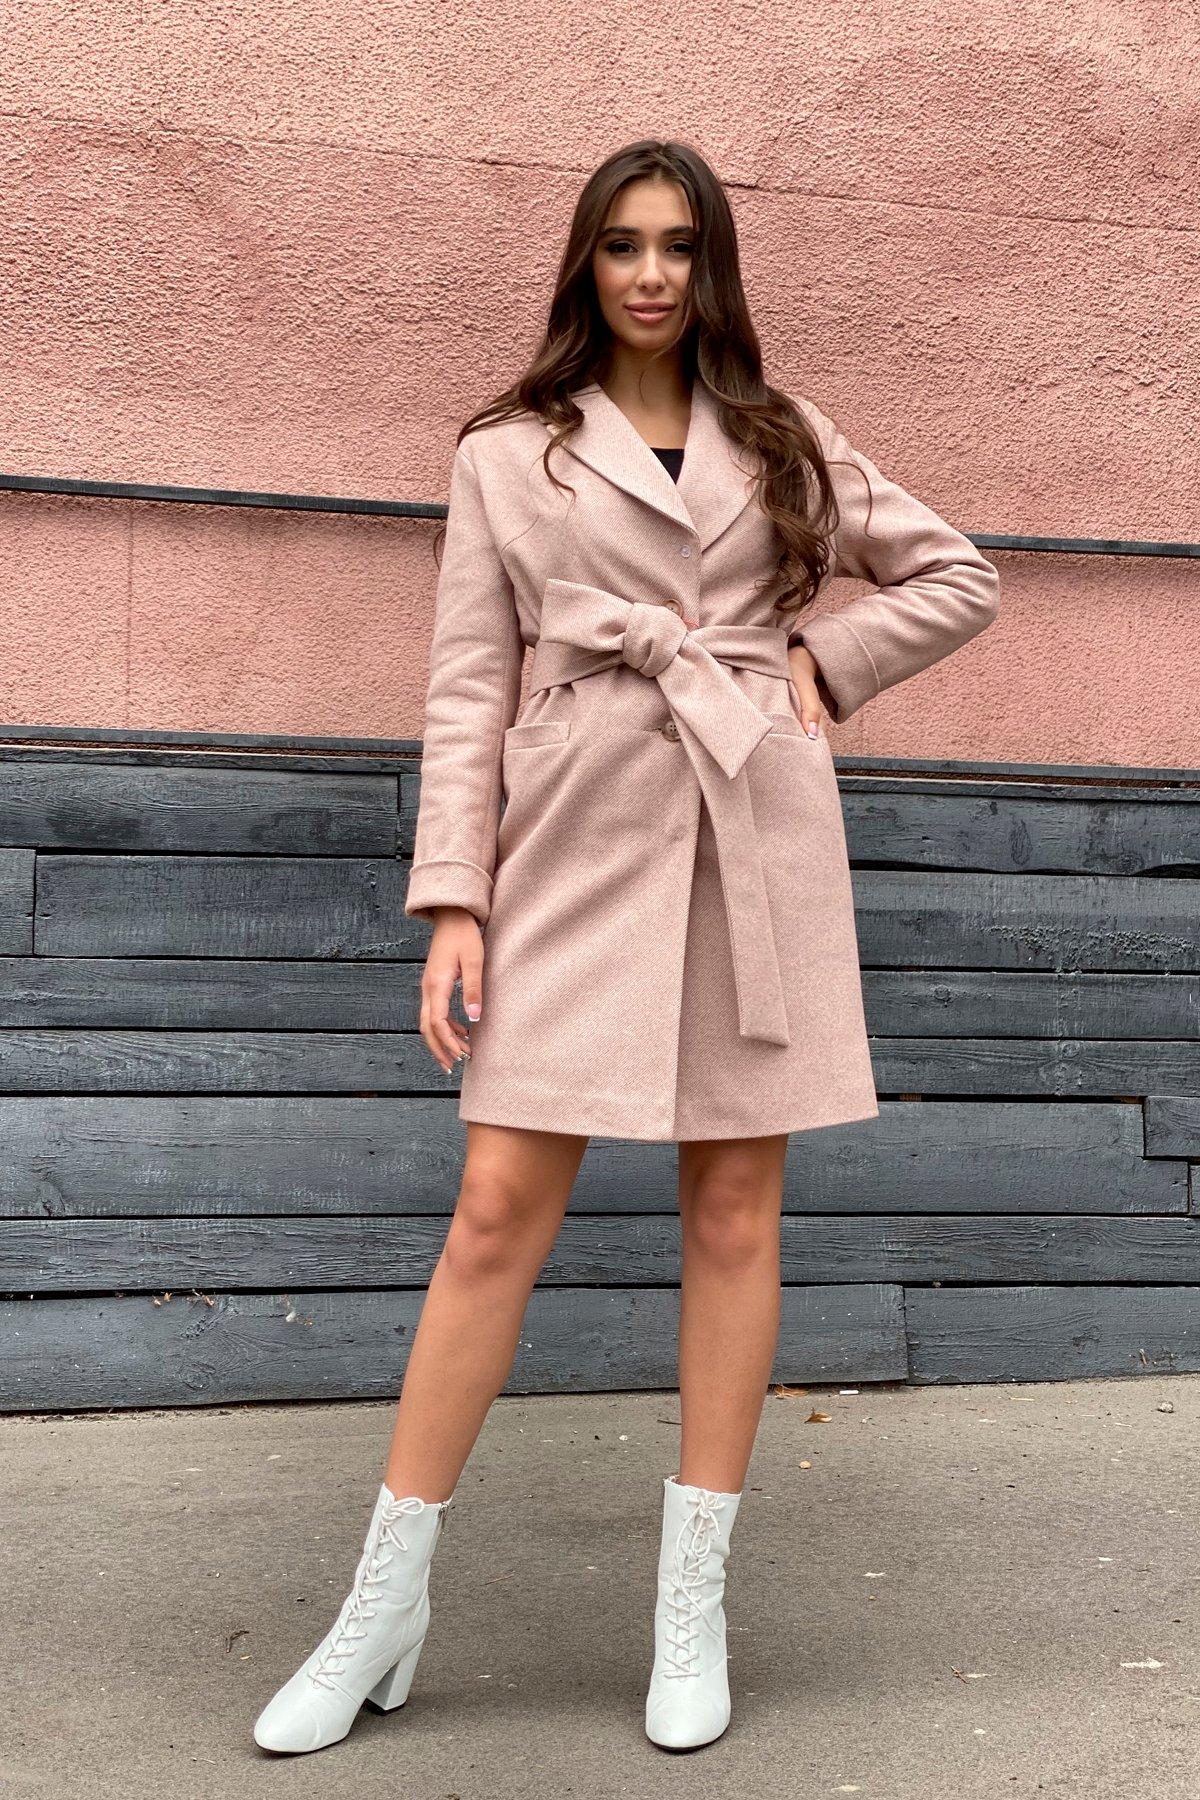 Зимнее утепленное пальто диагональ Вива 8243 АРТ. 44280 Цвет: Бежевый - фото 11, интернет магазин tm-modus.ru